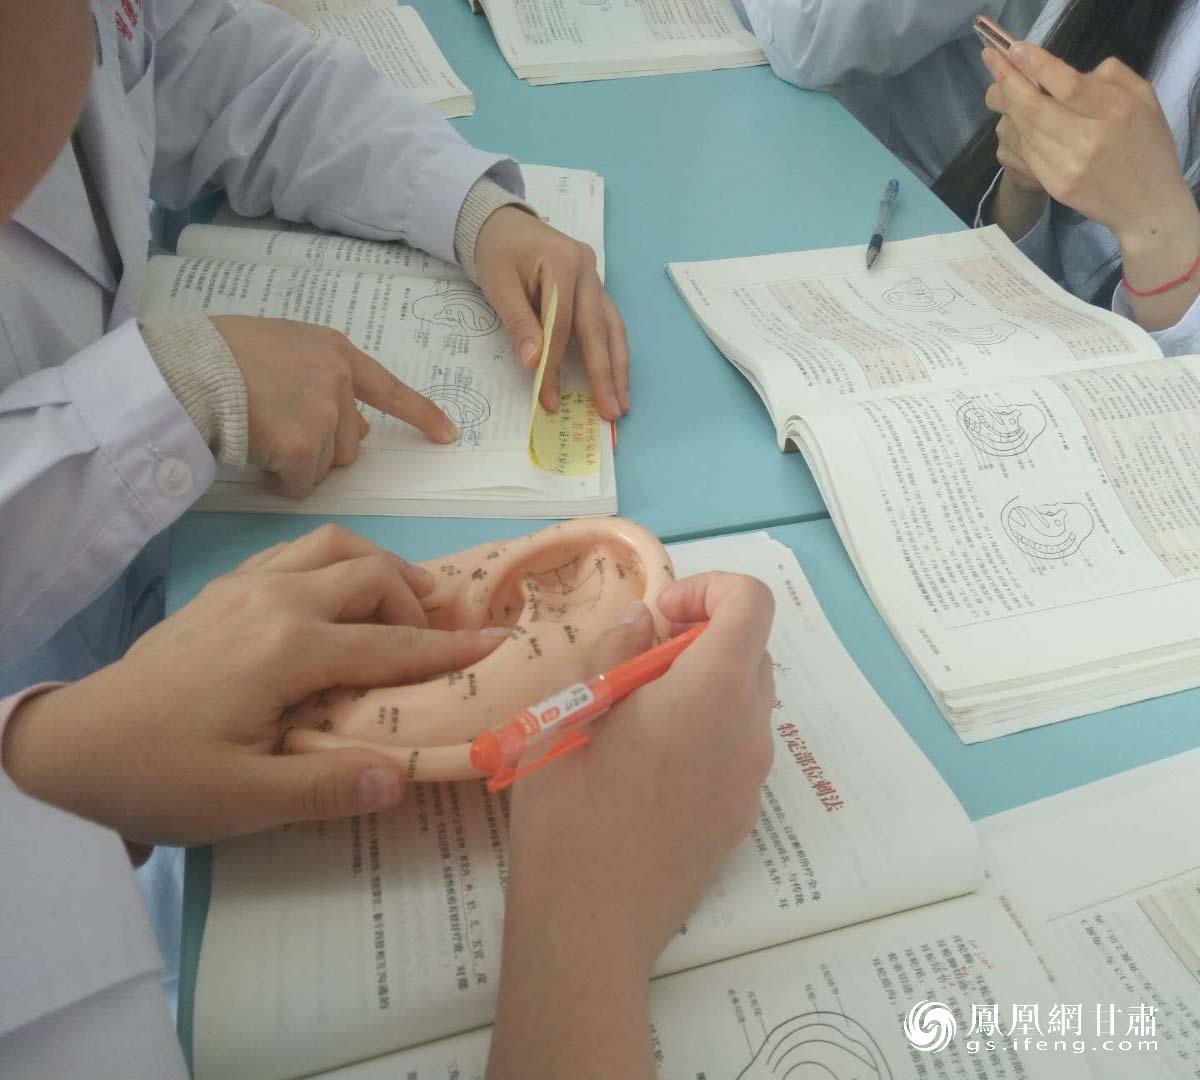 【凤凰网甘肃】留学生的中医梦:我和针灸有个约会